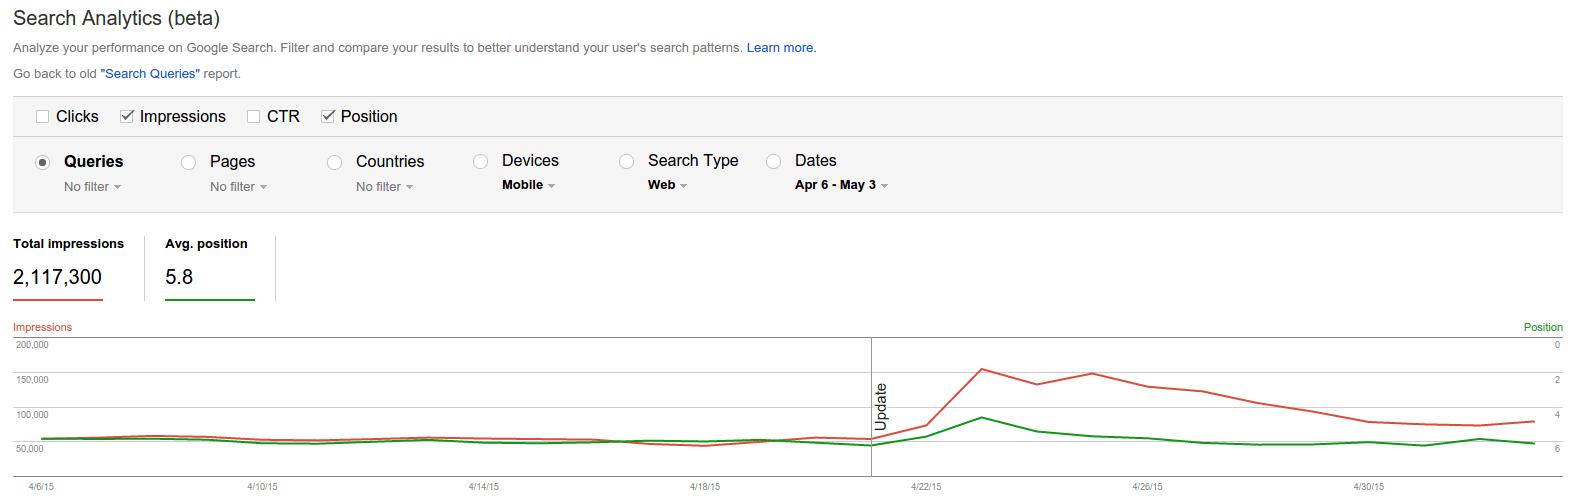 داده های بسیار دقیق تر در گزارش جدید Search Analytics